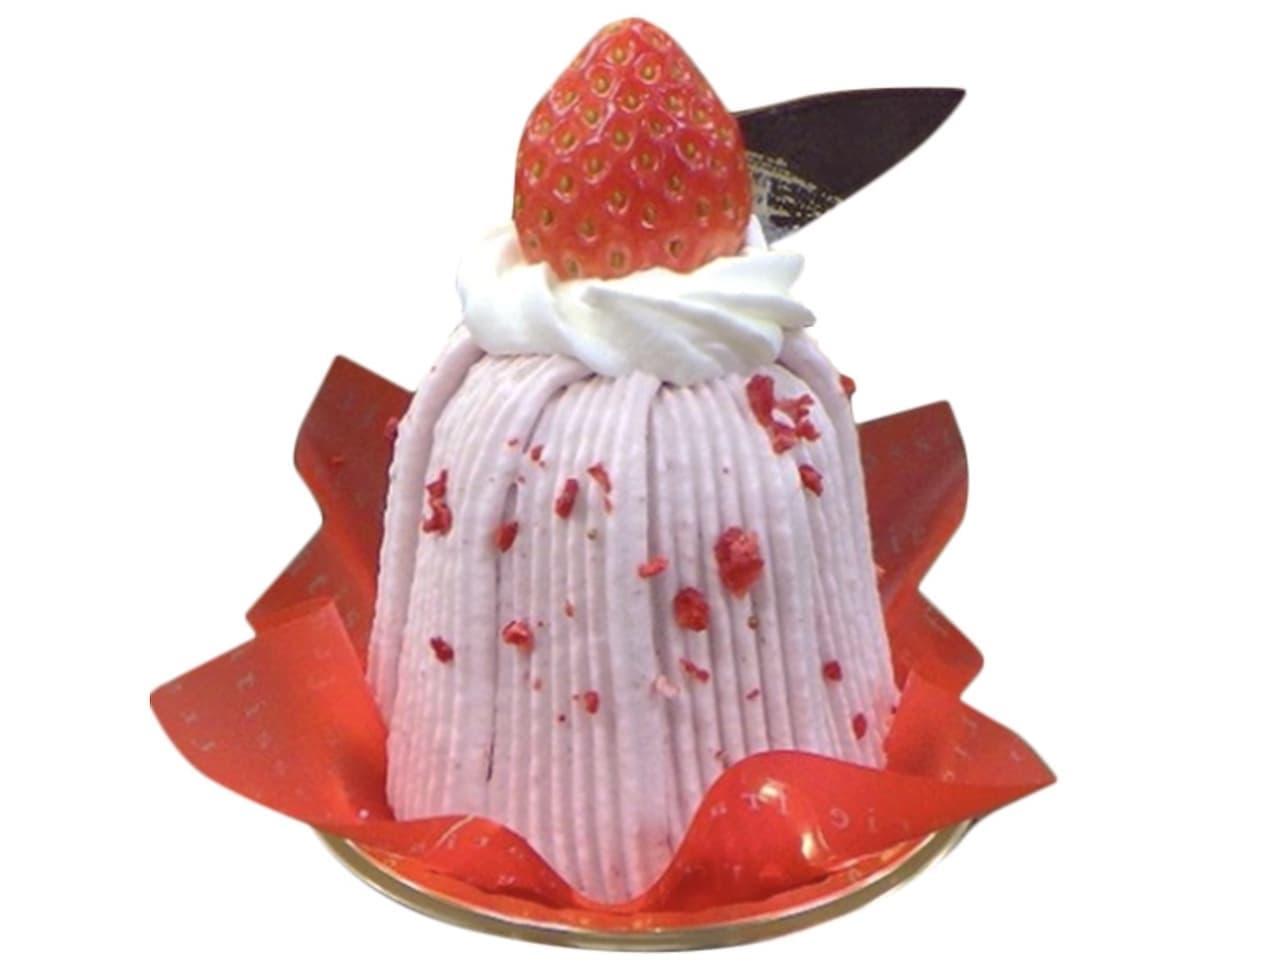 シャトレーゼ「濃い苺のモンブラン」